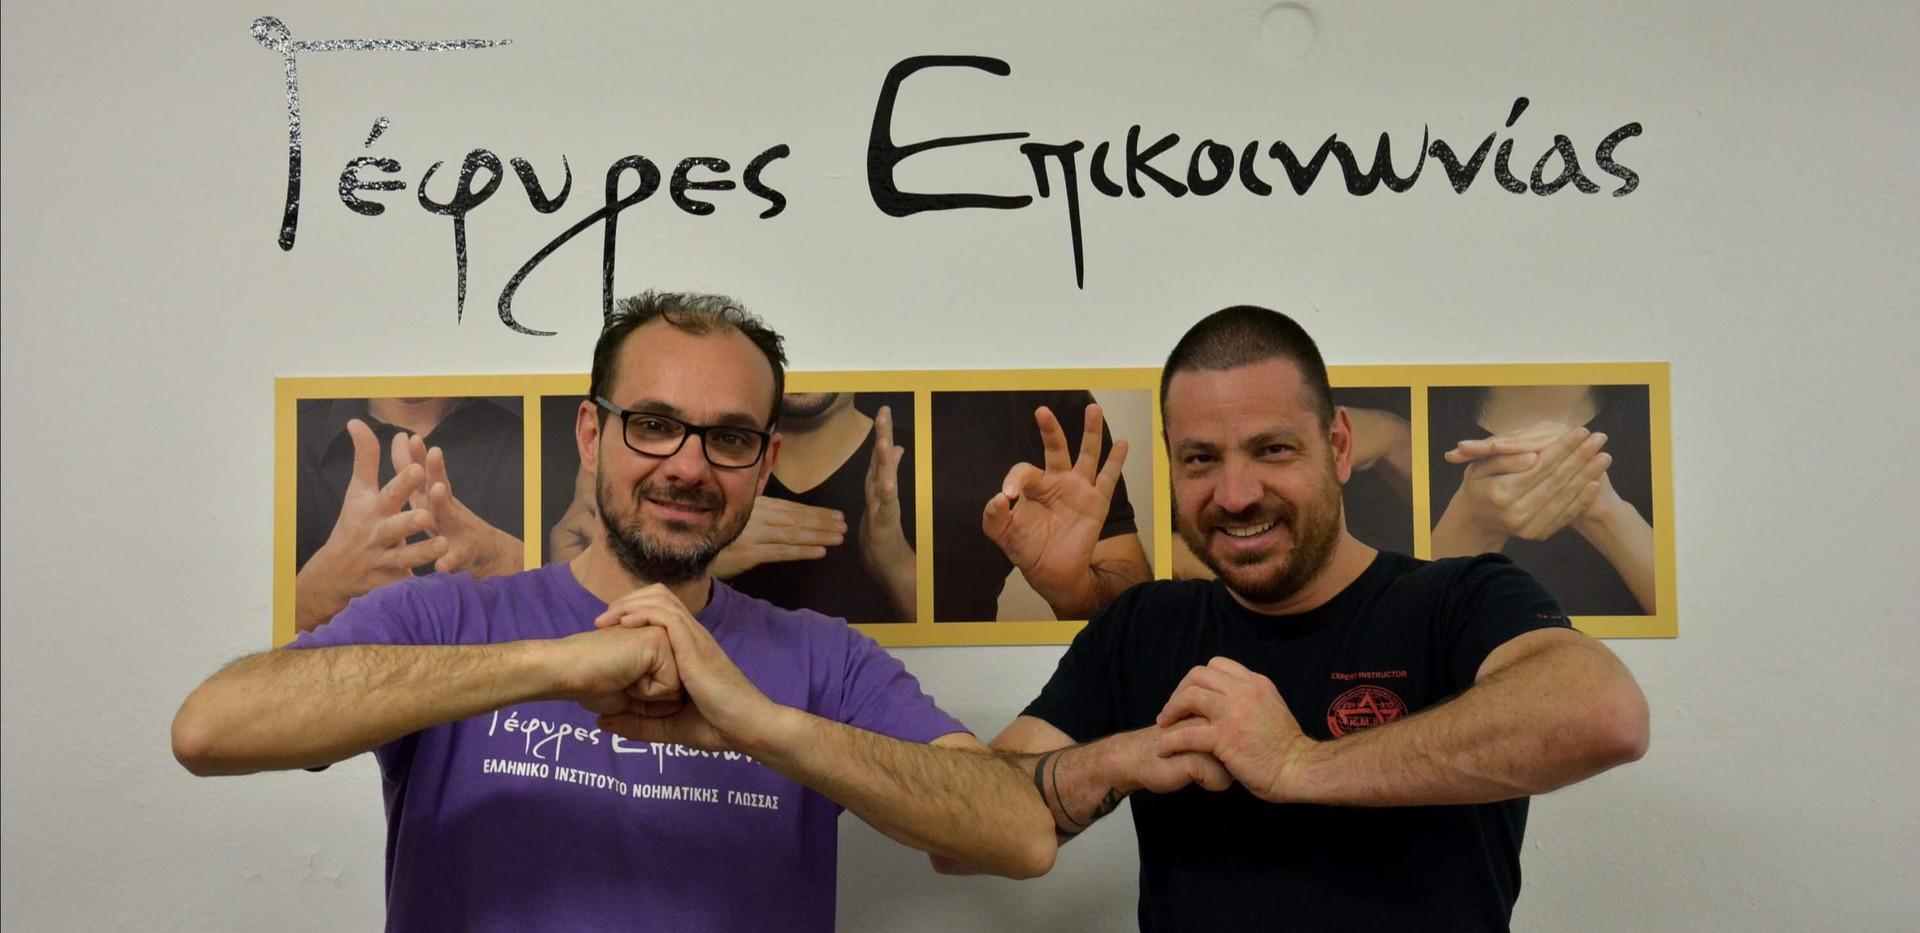 Ελληνικό ινστιτούτο νοηματικής γλώσσας